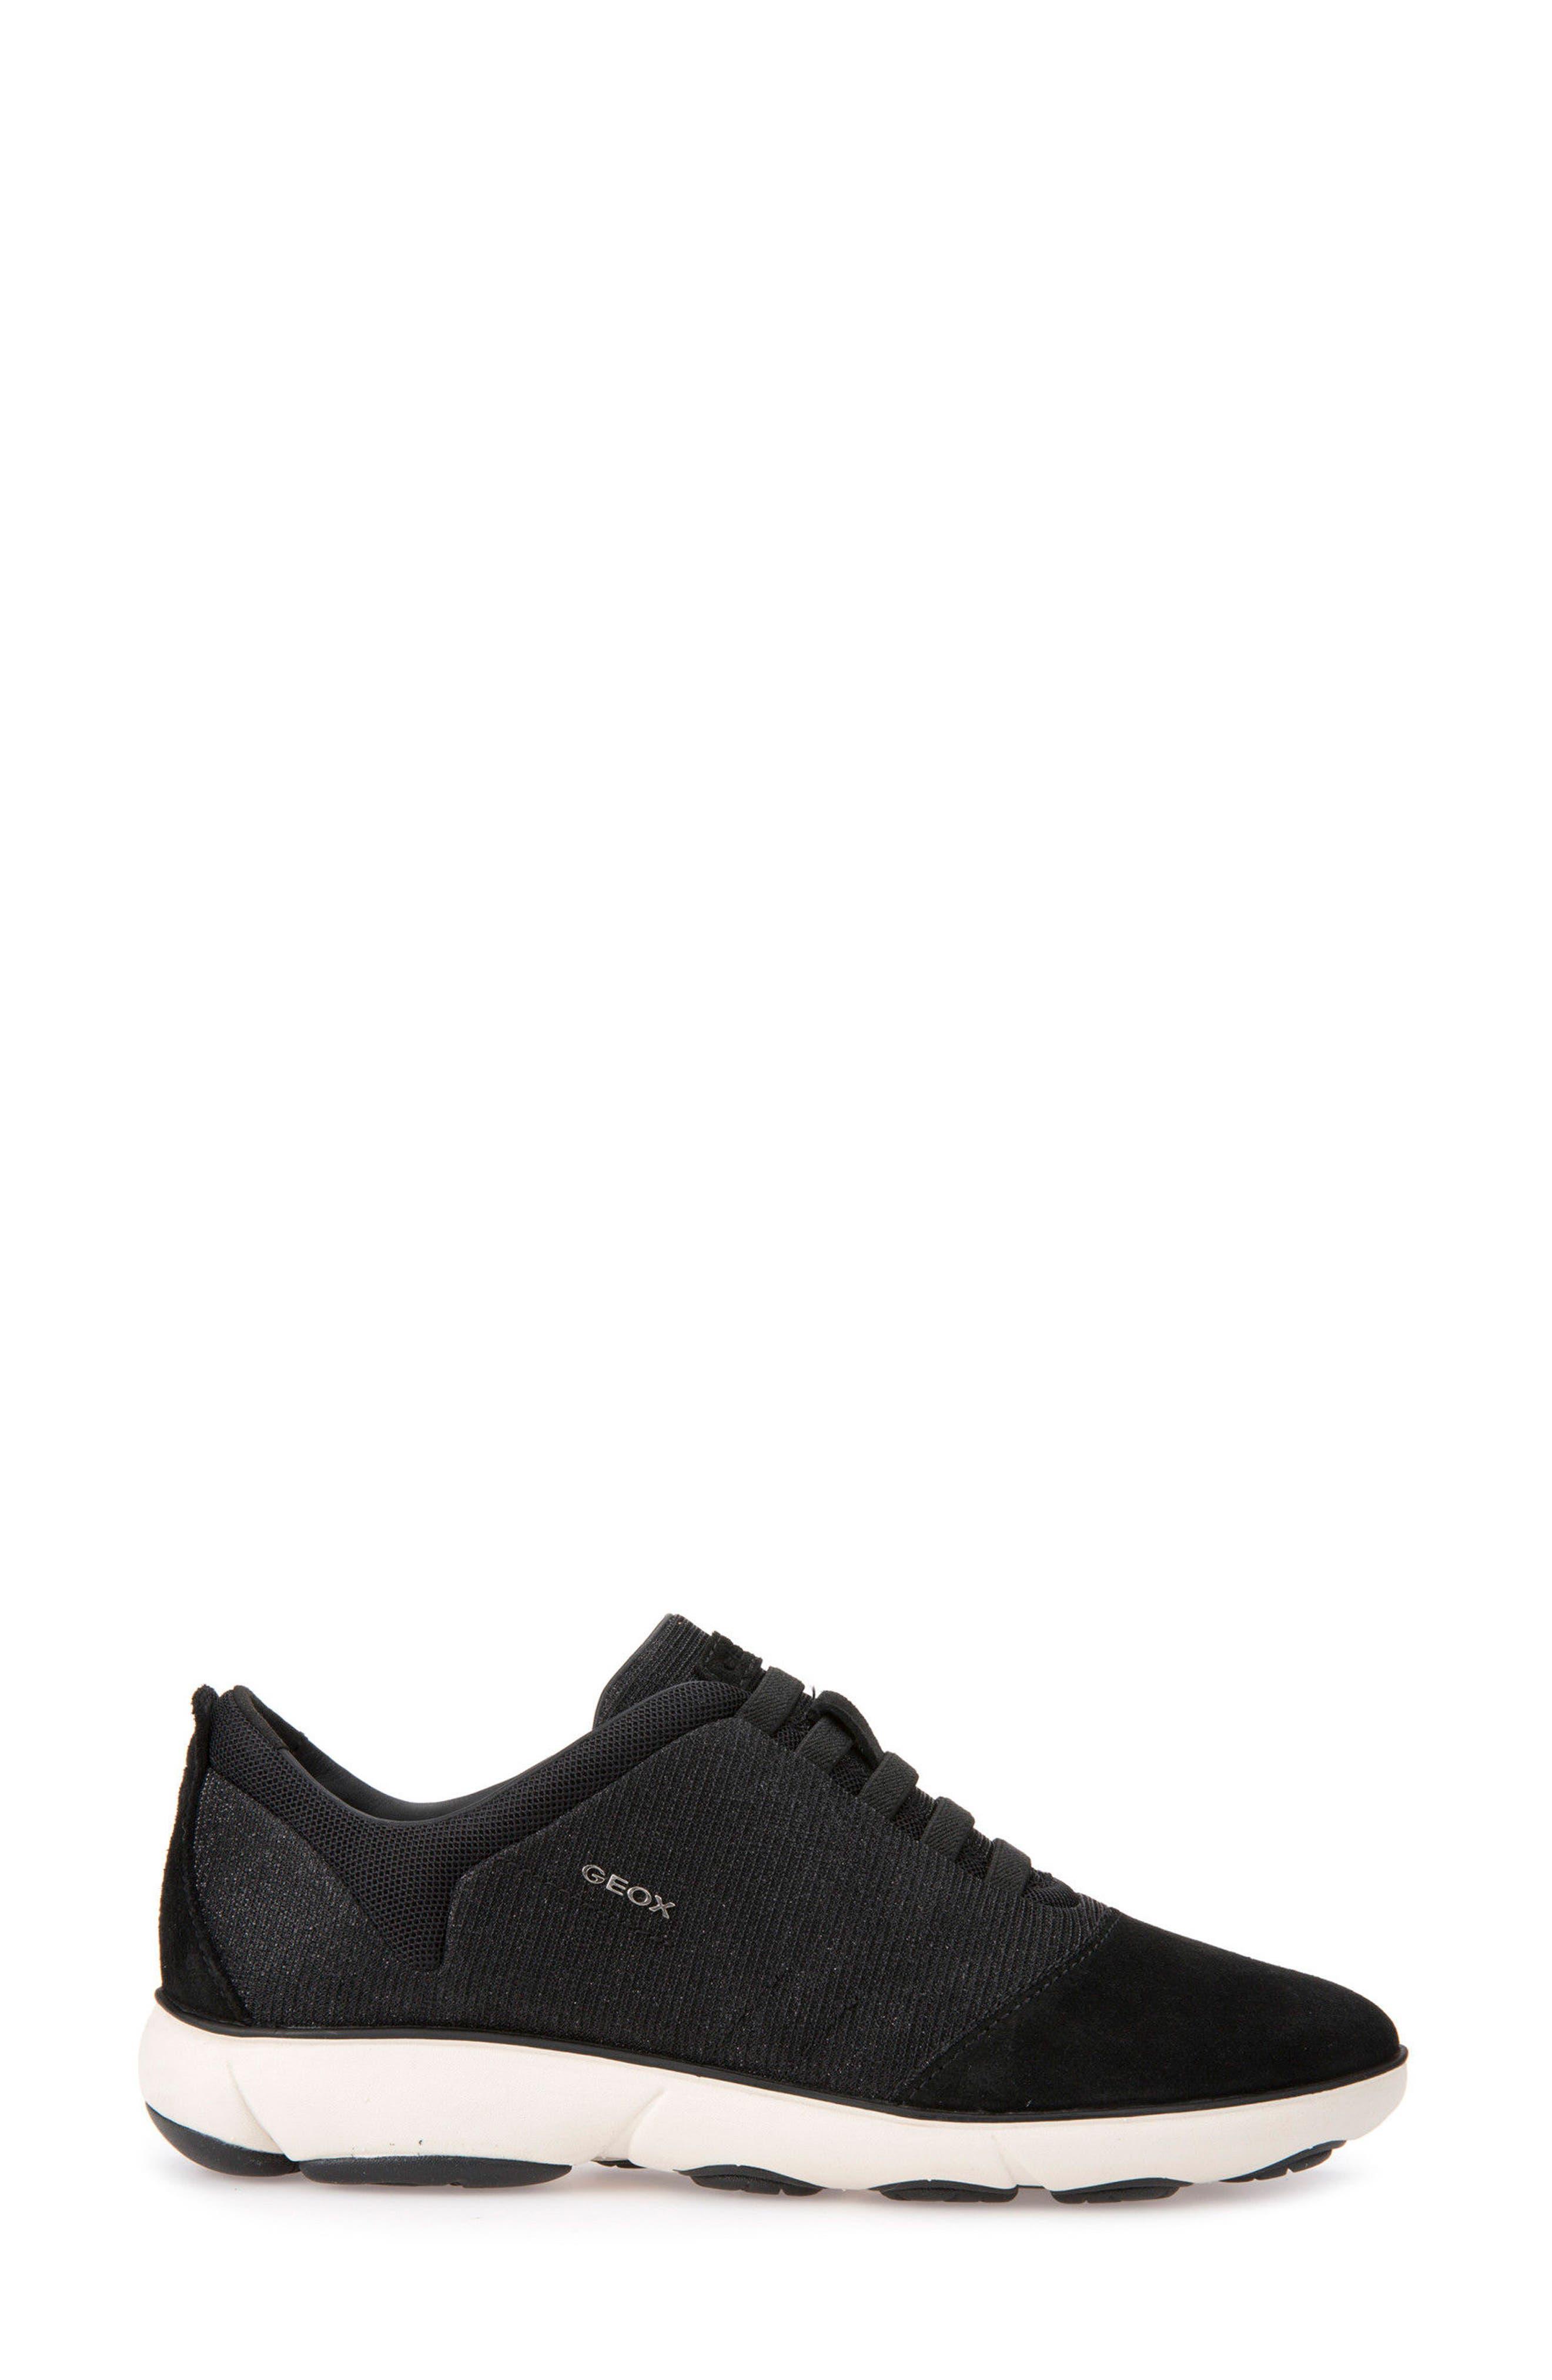 Nebula Slip-On Sneaker,                             Alternate thumbnail 3, color,                             001